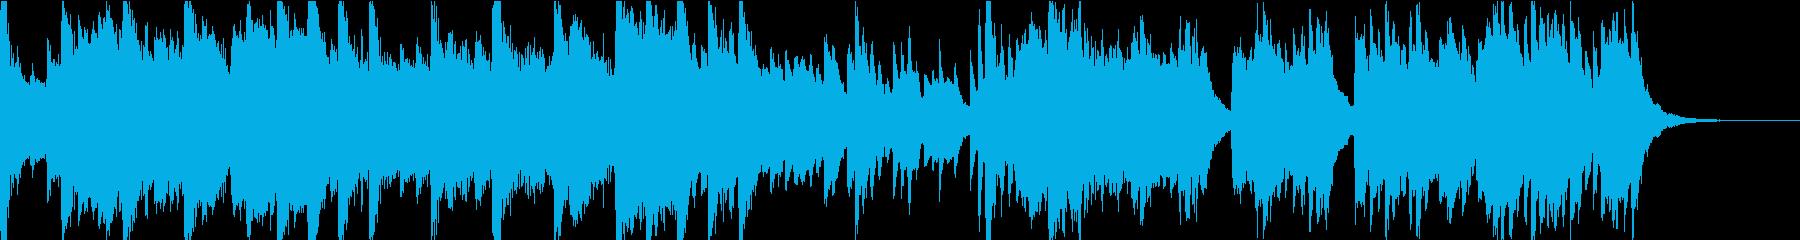 伝承を刻む巫女の唄 歌 和風 和楽器の再生済みの波形